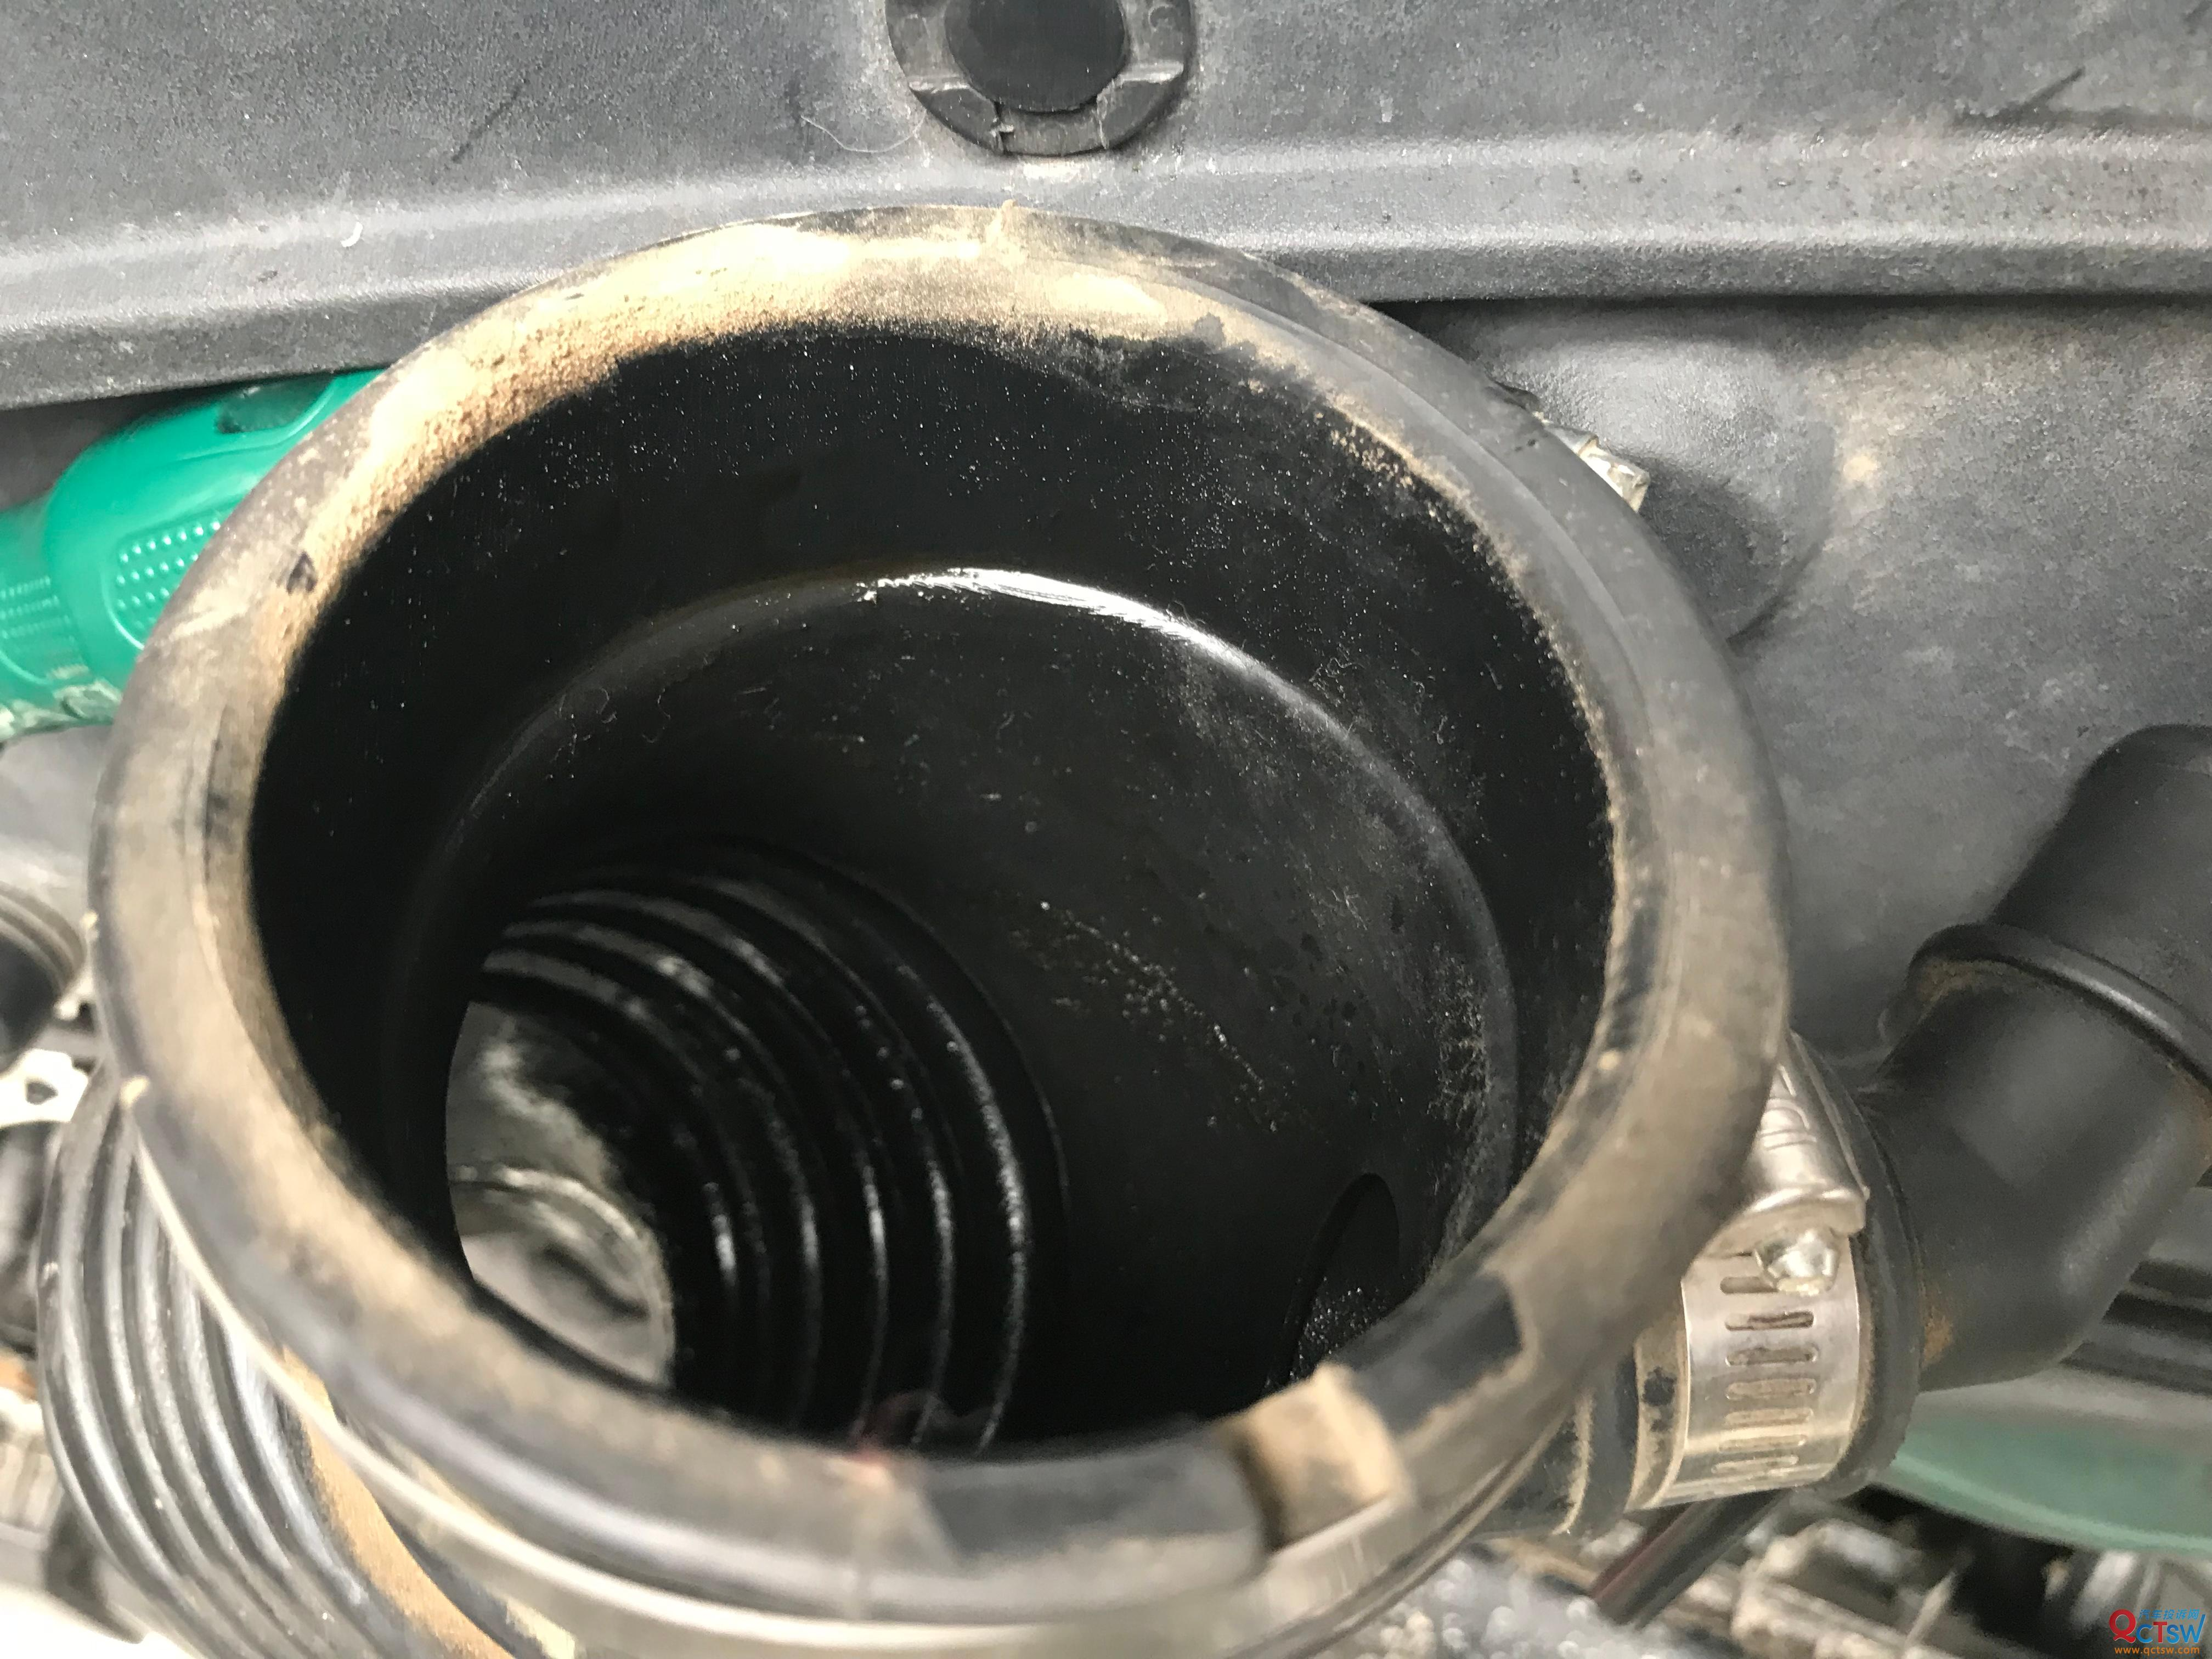 东风裕隆-优6 SUV 要求更换发动机,且提高效率。维修周期太长。